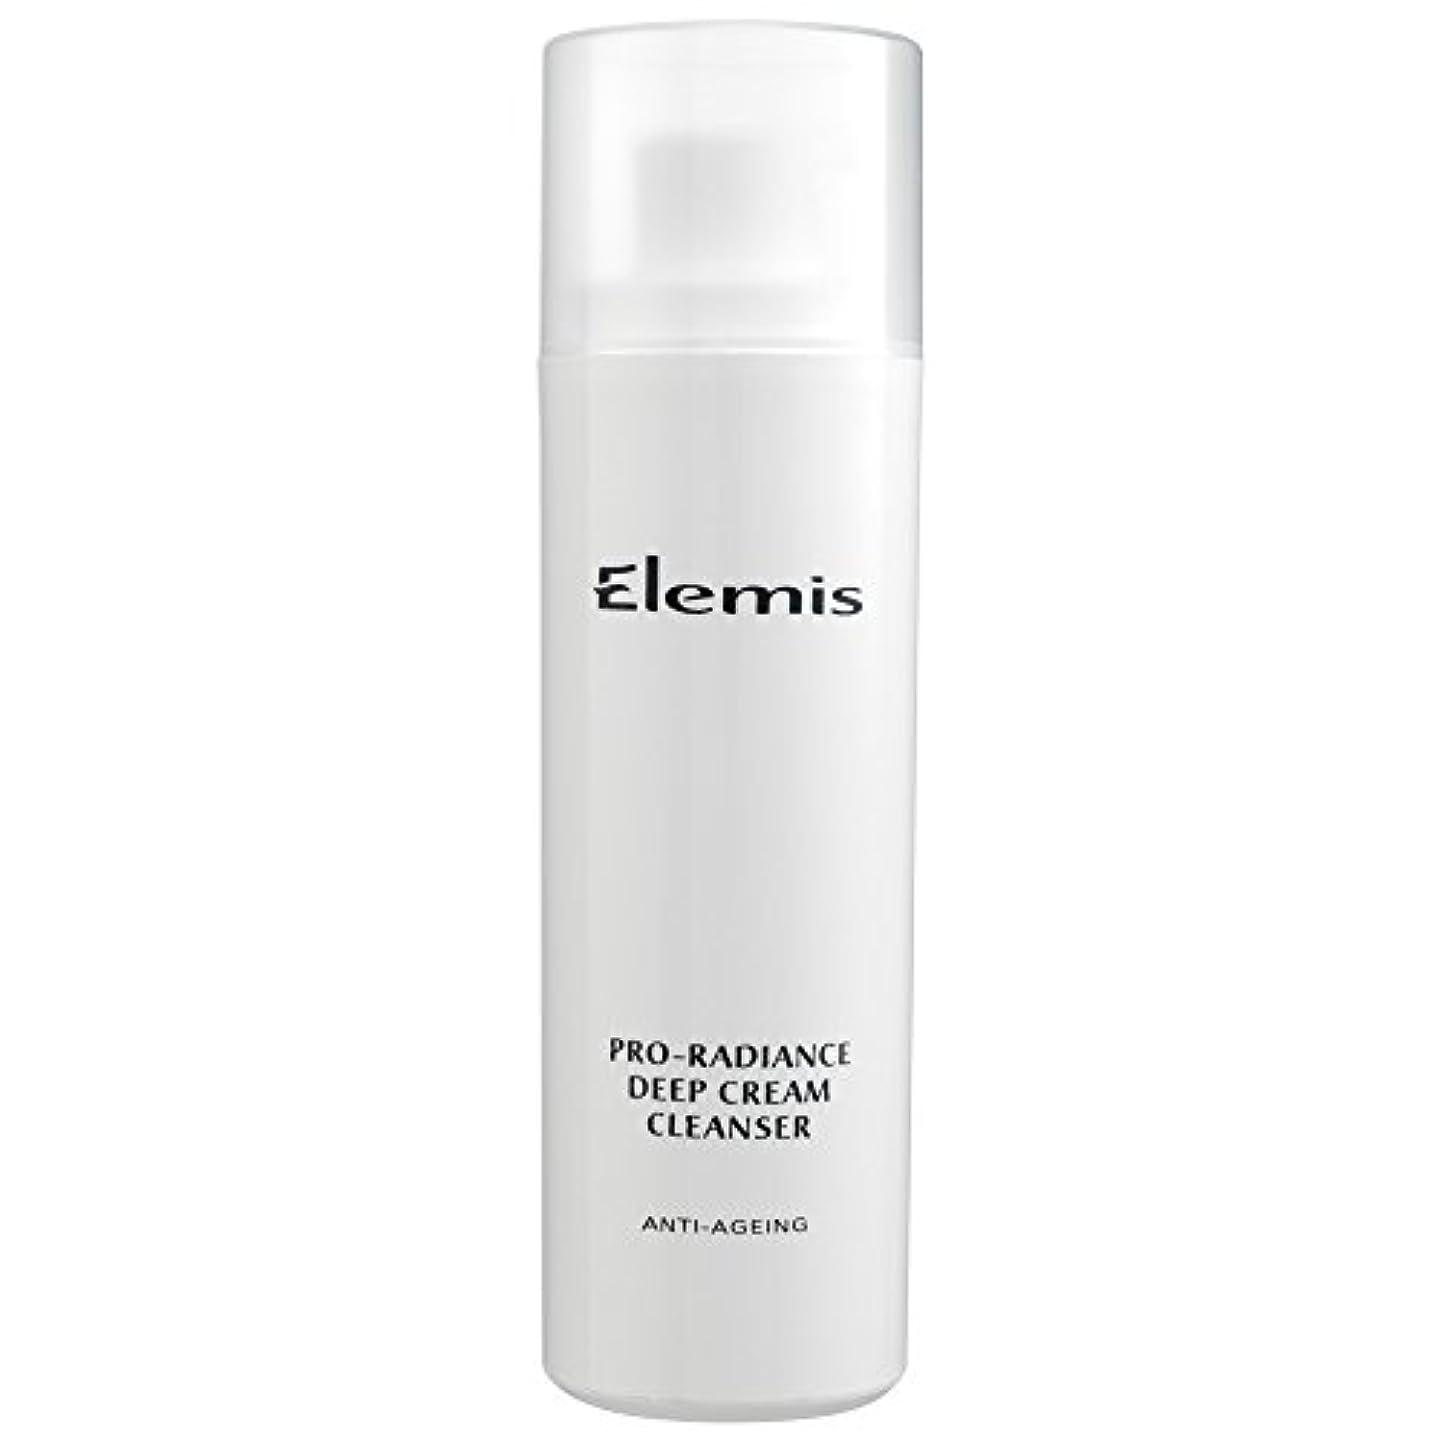 数値平和口ひげエレミスプロ輝きクリームクレンザー、150ミリリットル (Elemis) (x6) - Elemis Pro-Radiance Cream Cleanser, 150ml (Pack of 6) [並行輸入品]